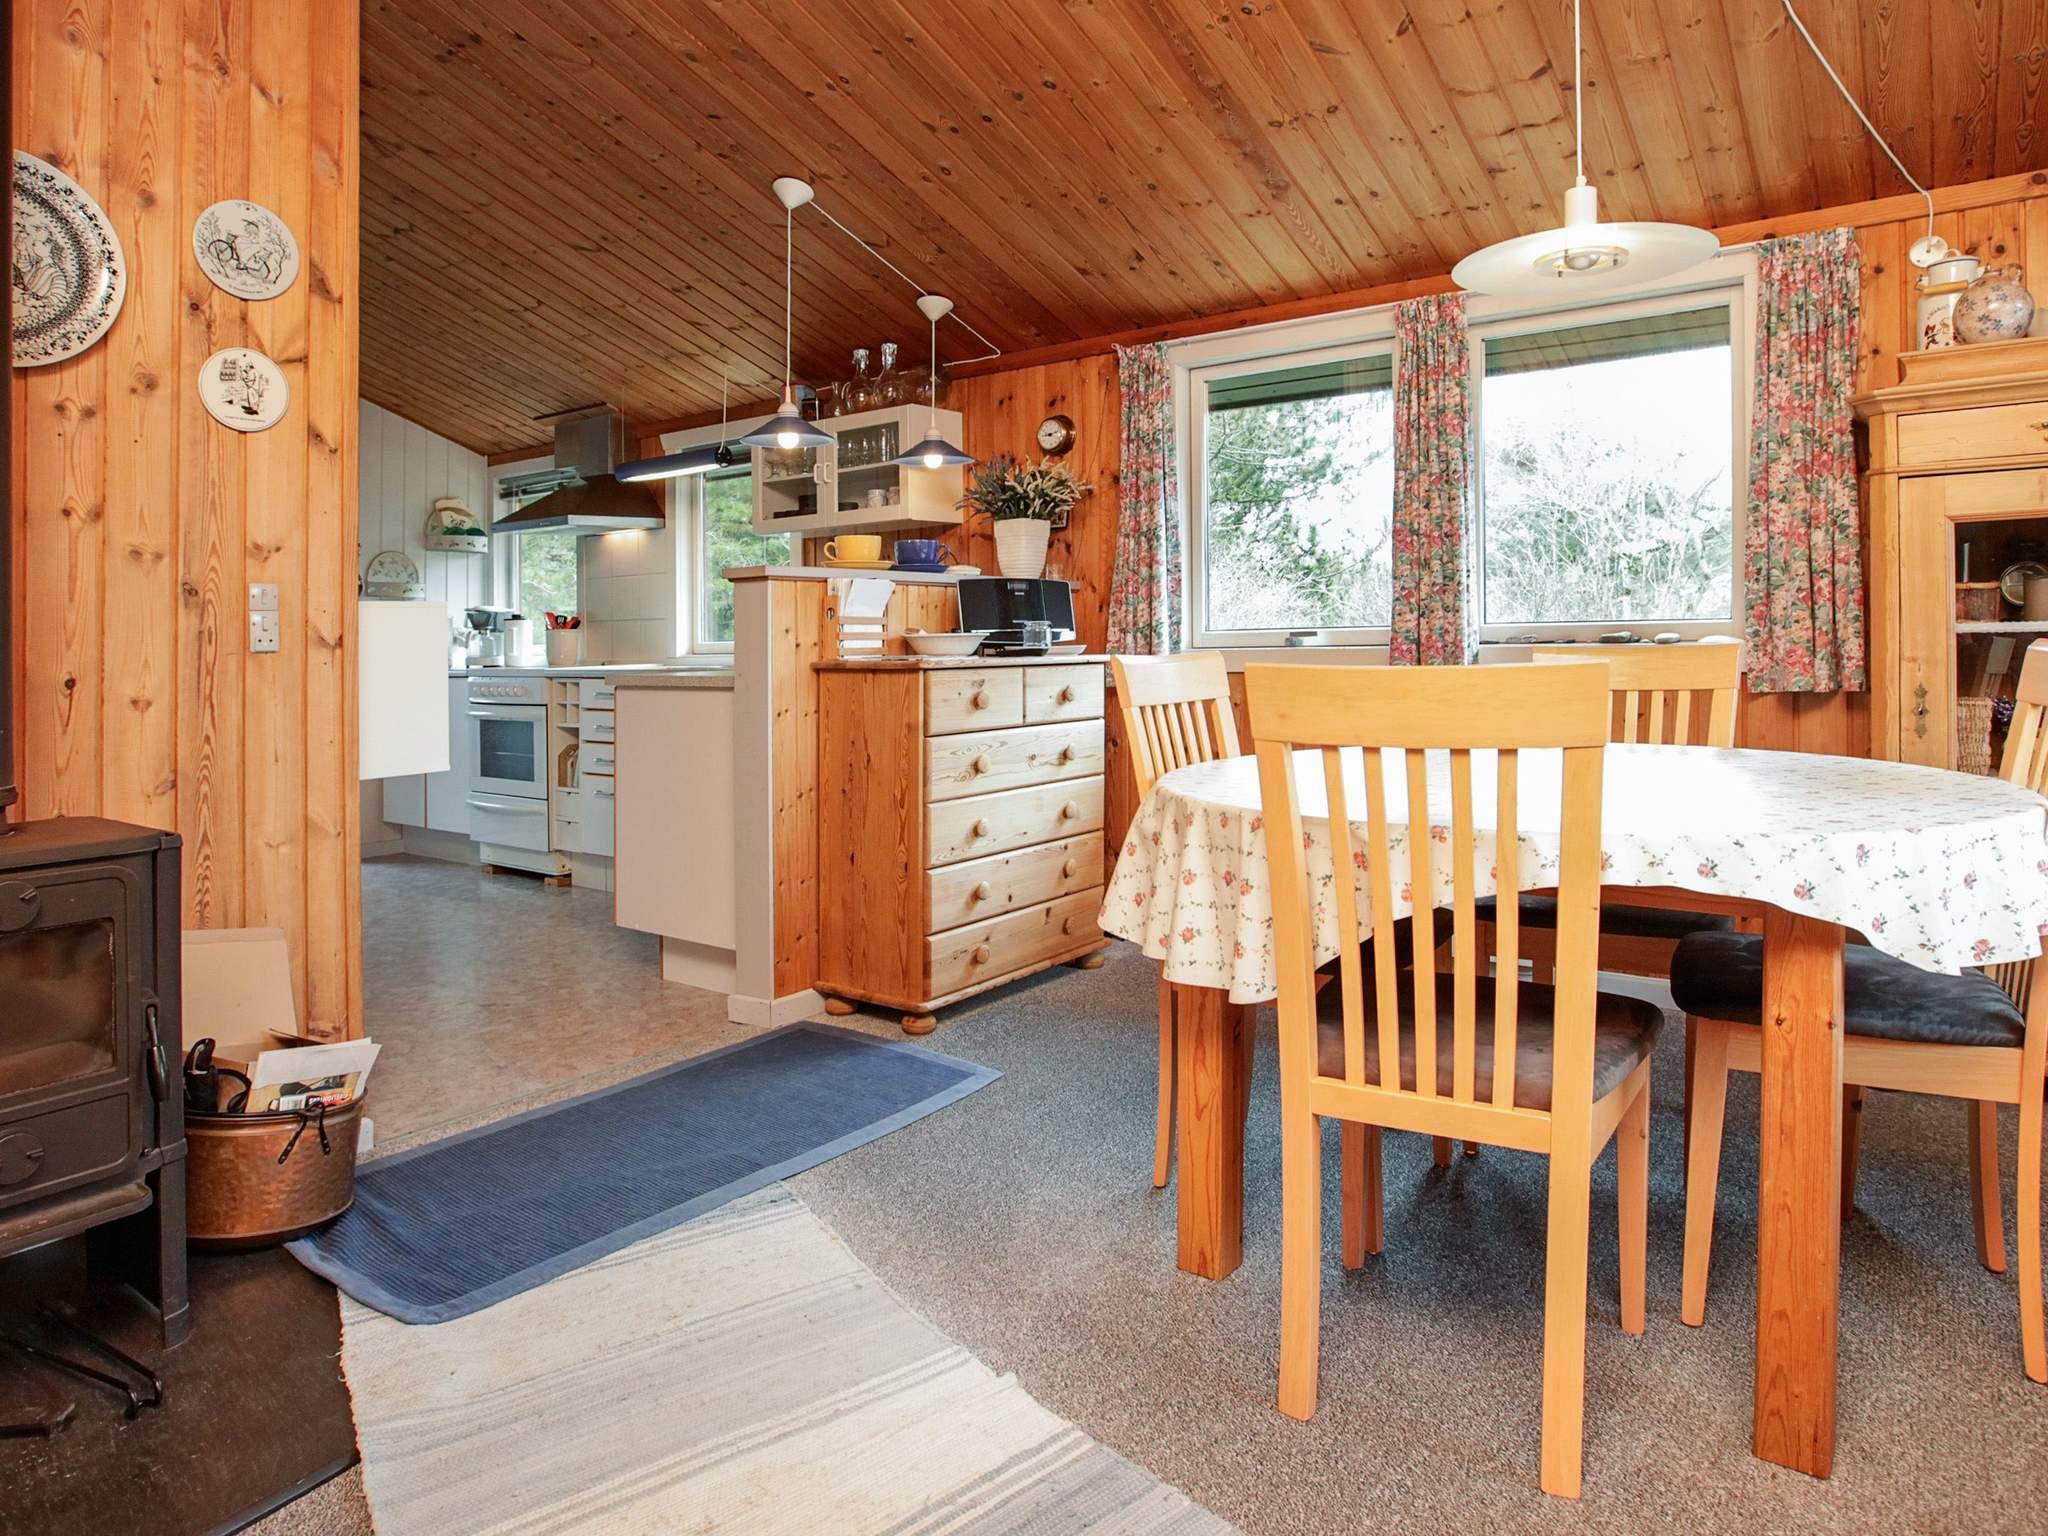 Ferienhaus Kjul Strand (2355604), Hirtshals, , Nordwestjütland, Dänemark, Bild 4